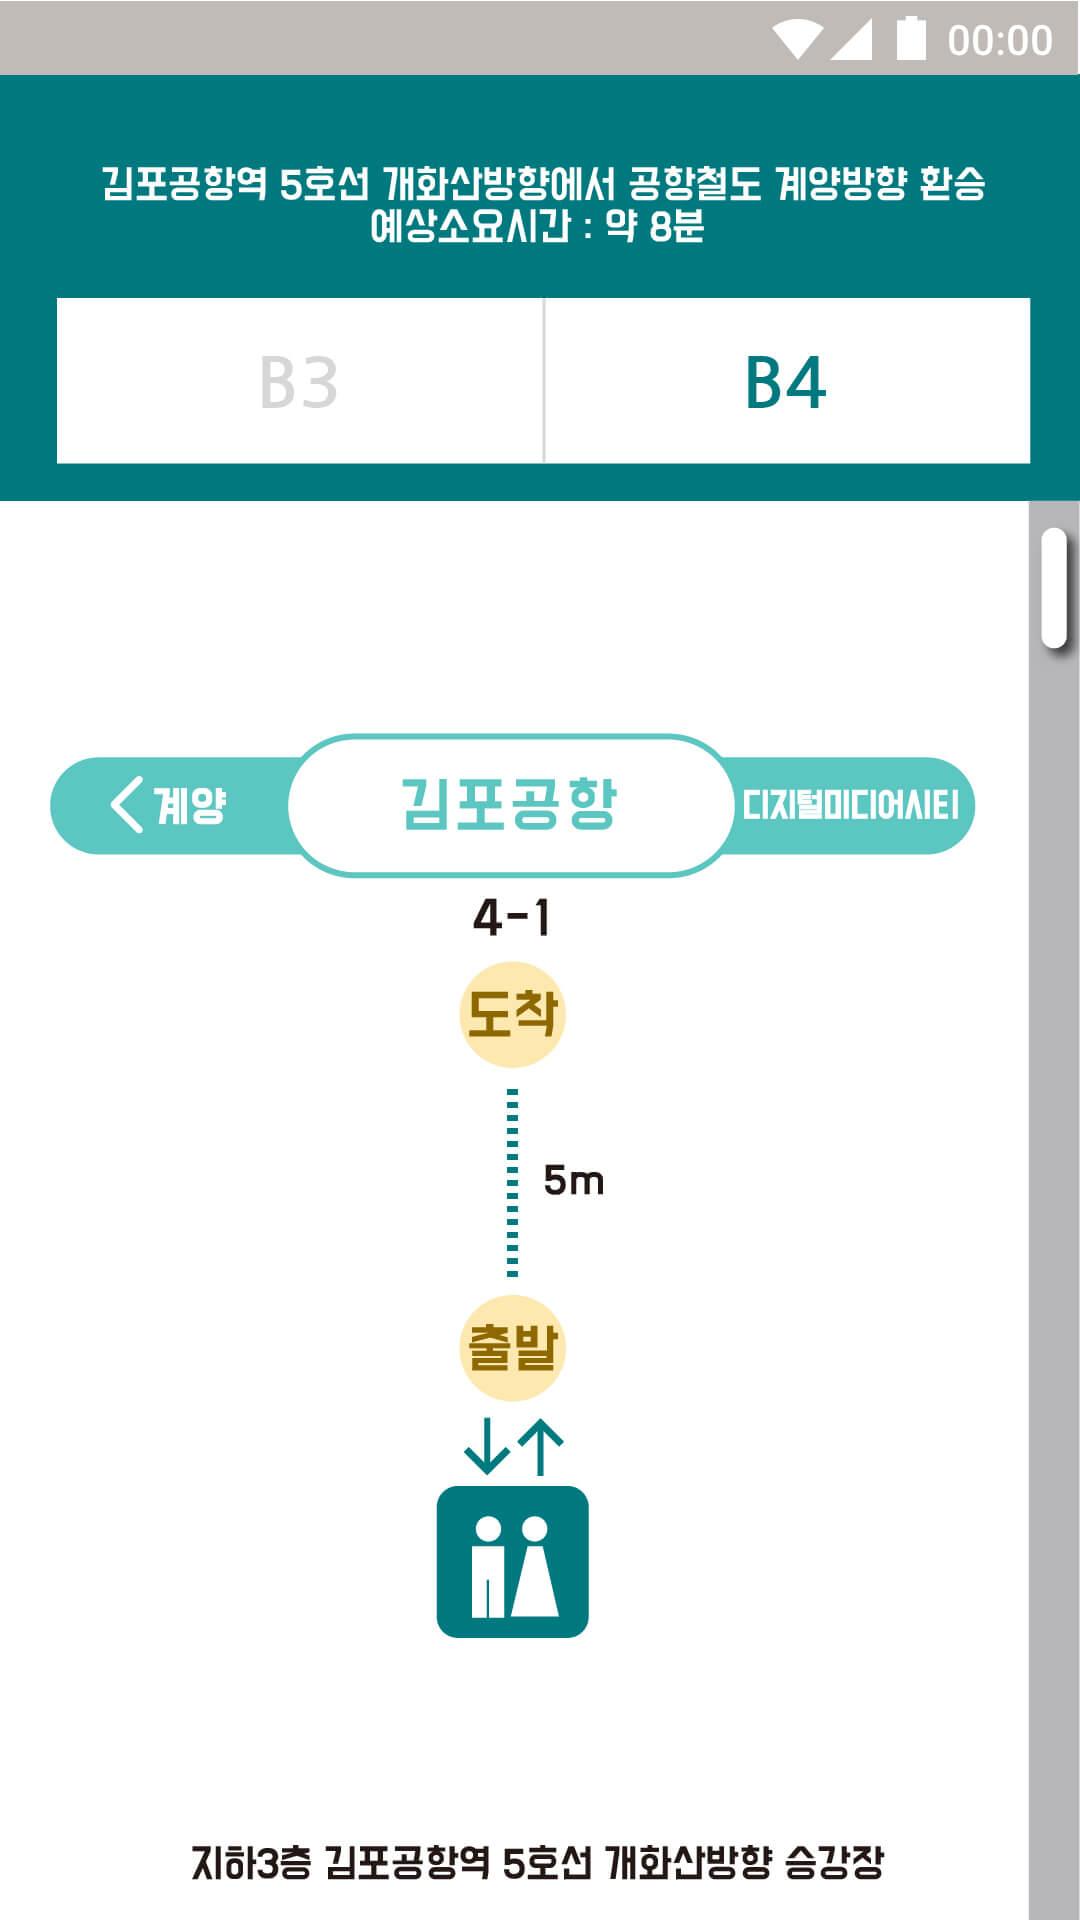 김포공항역 B4